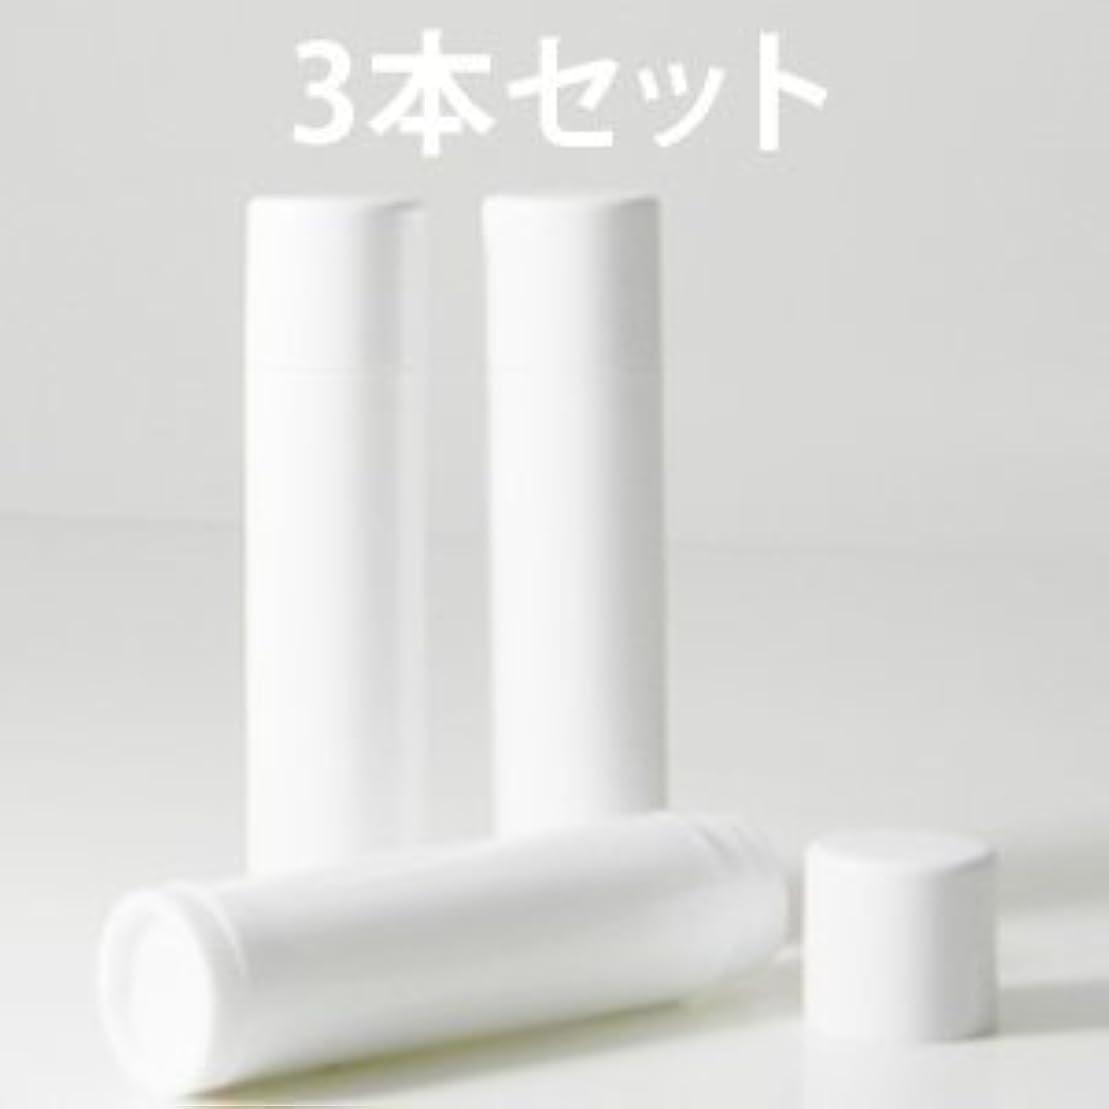 呼ぶバングラデシュ混合リップバームチューブ (ホワイト) 3本セット 【手作り化粧品容器】